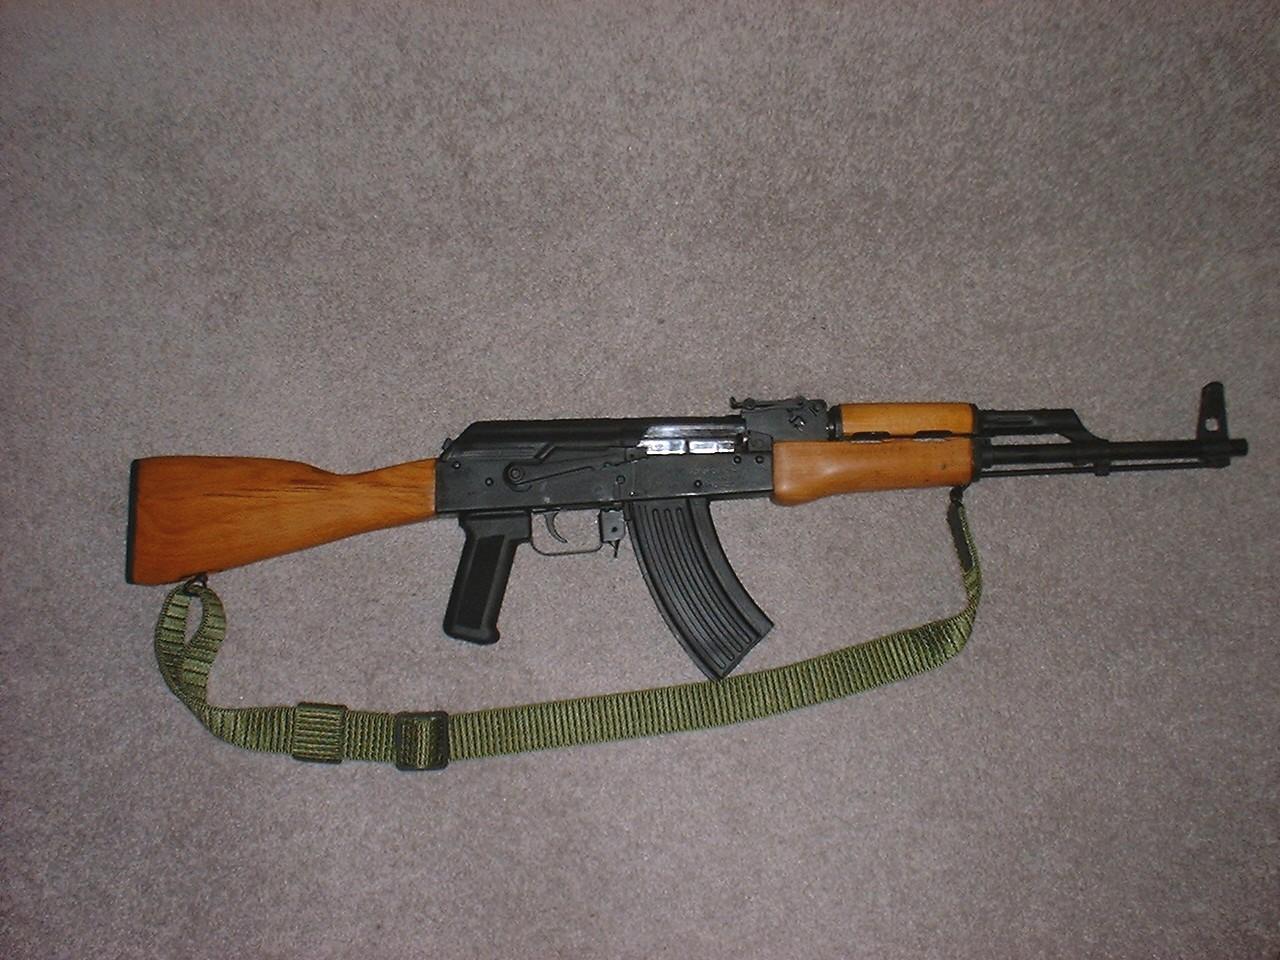 Guns Images 2013: Ak-47 Images